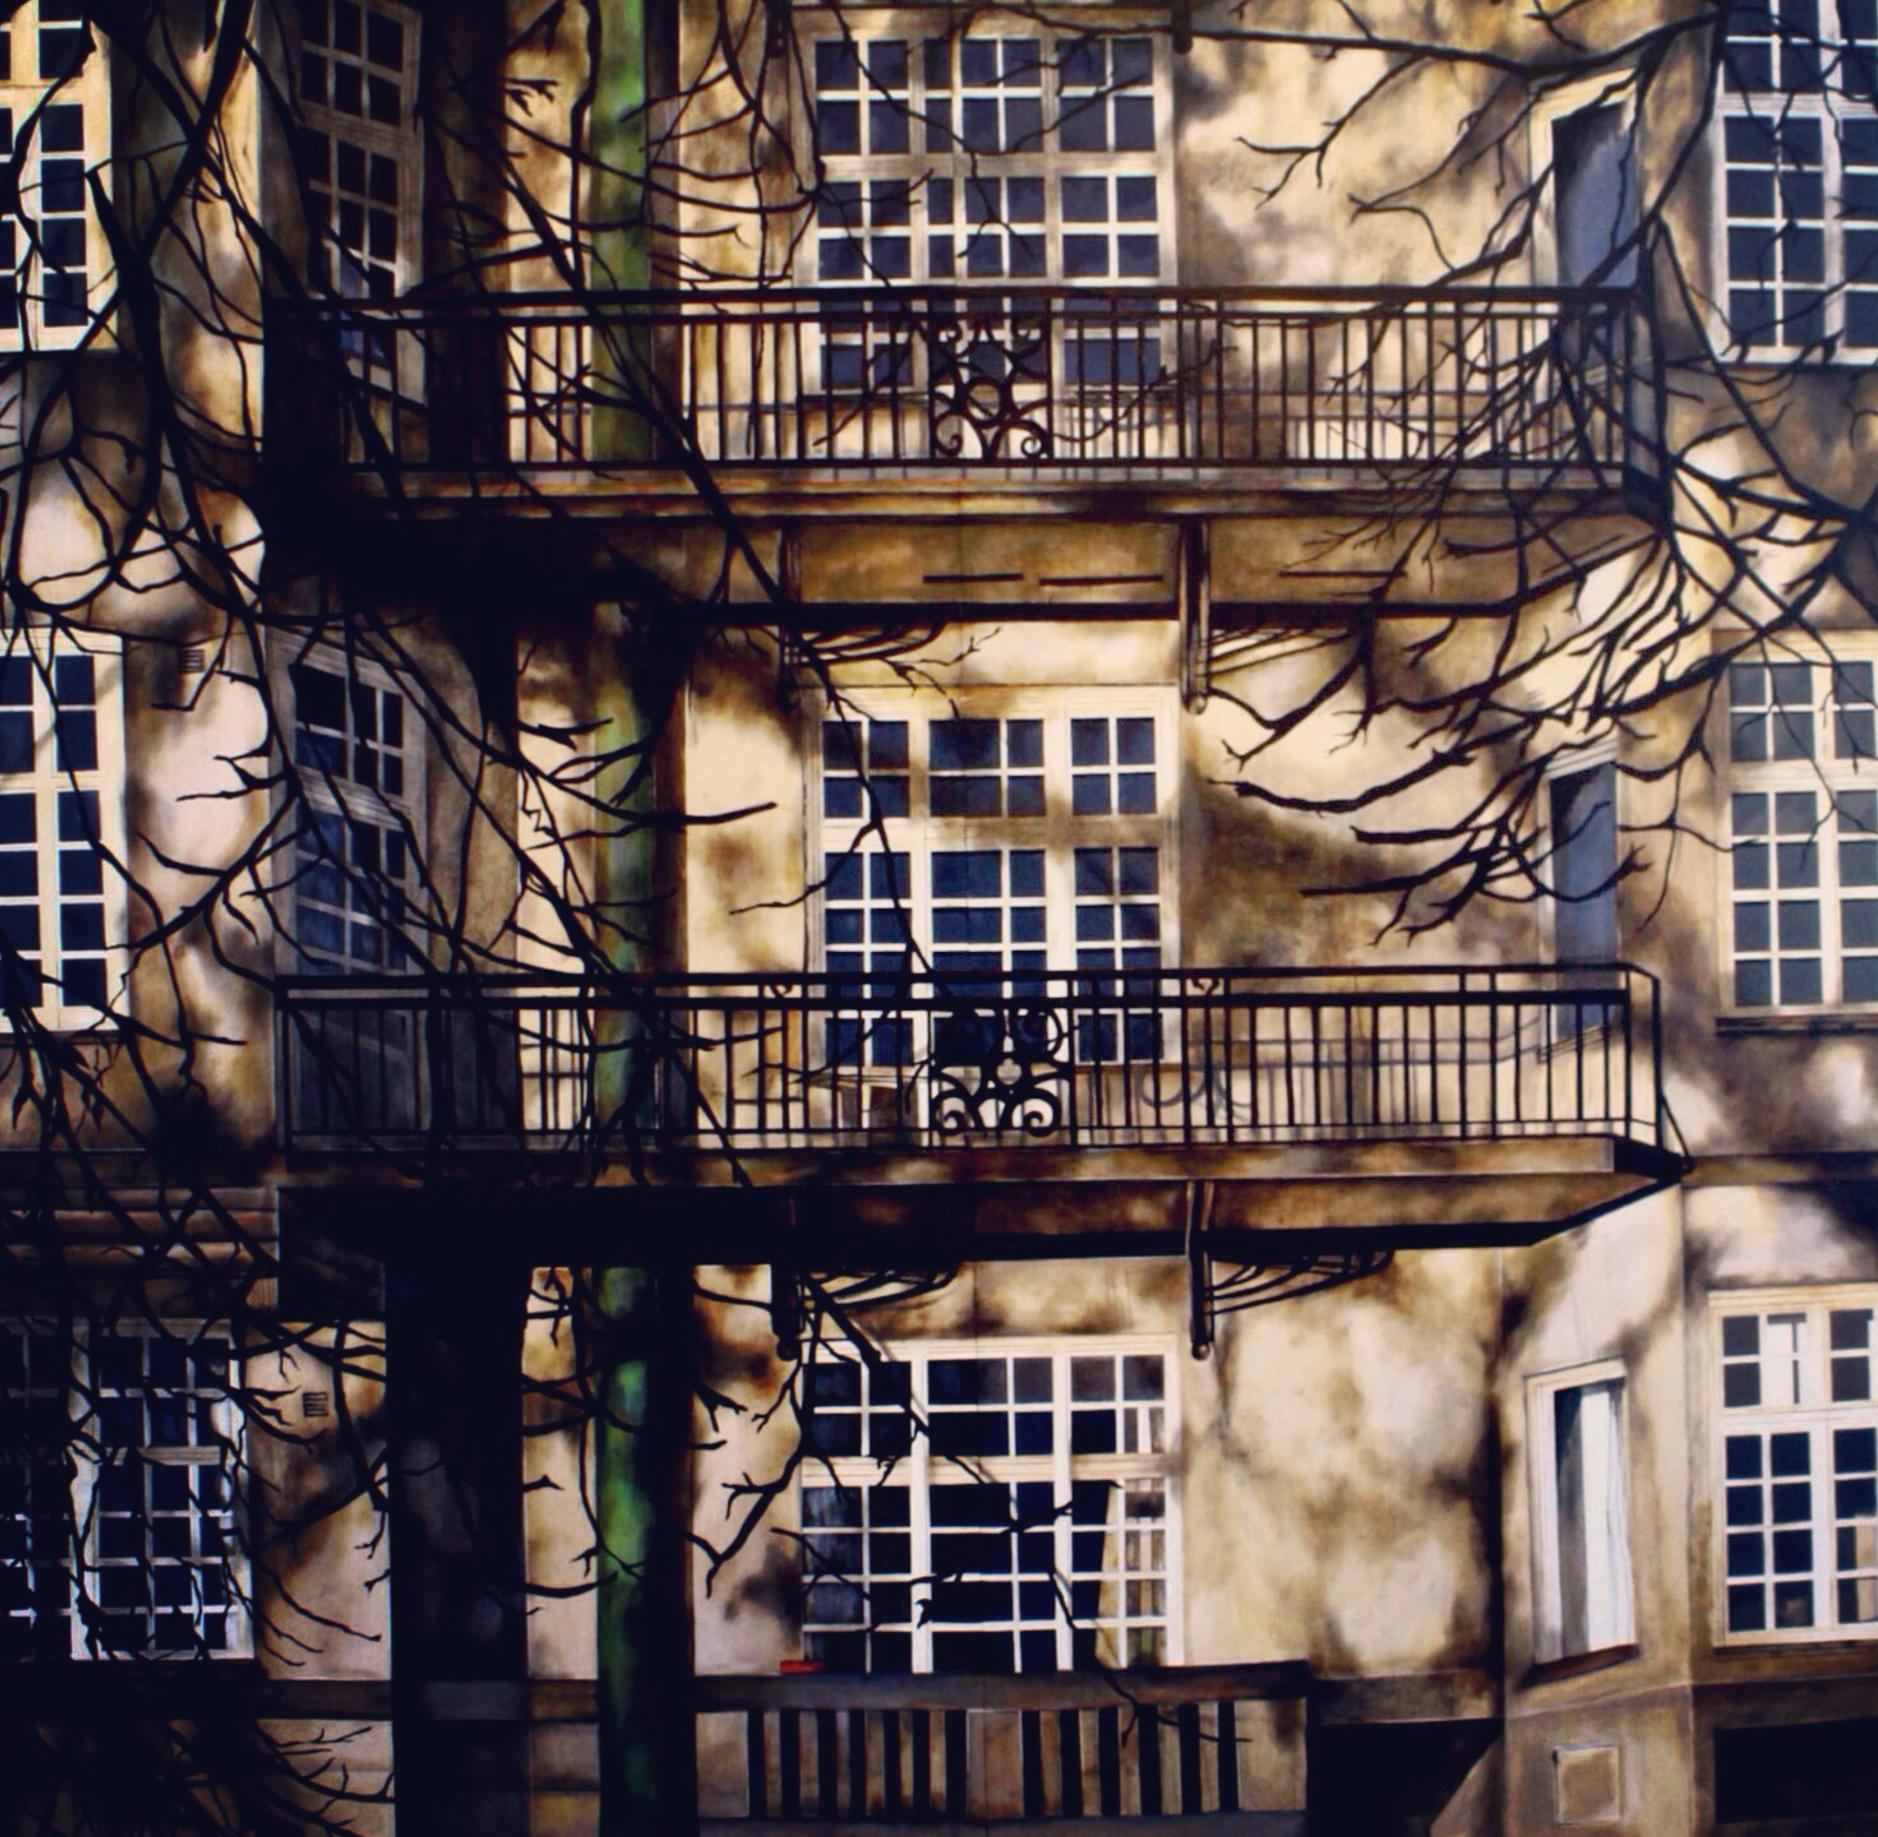 """La pared de mi espacio , 2012. Oil on wood. 72"""" x 72"""""""